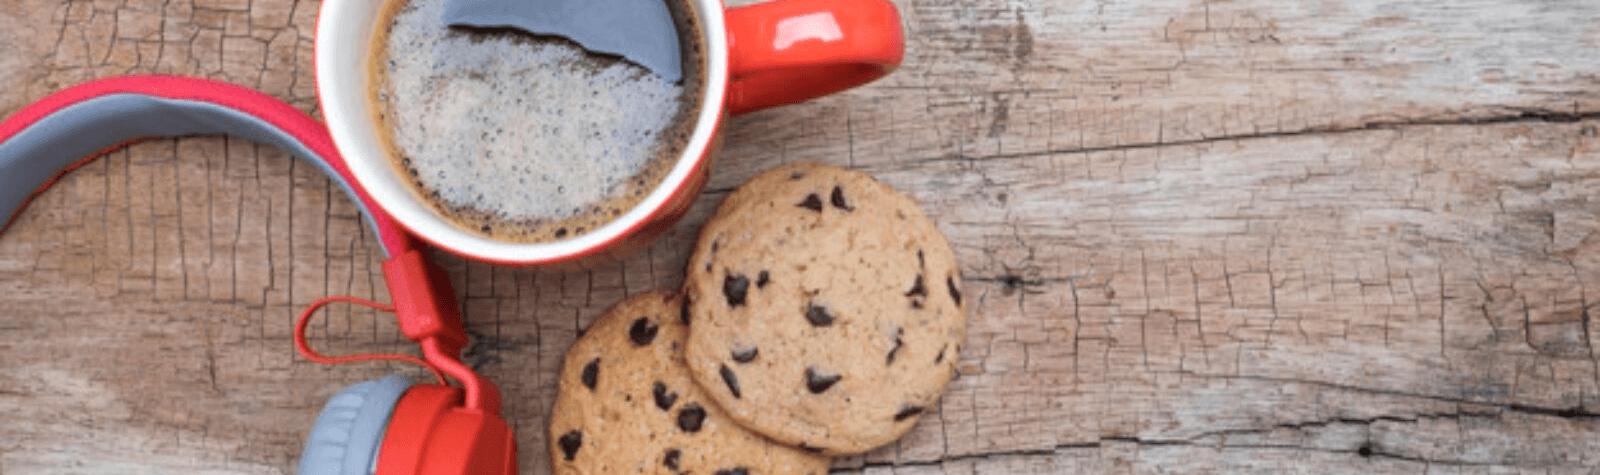 Bio soleil : des biscuits macrobiotiques à croquer